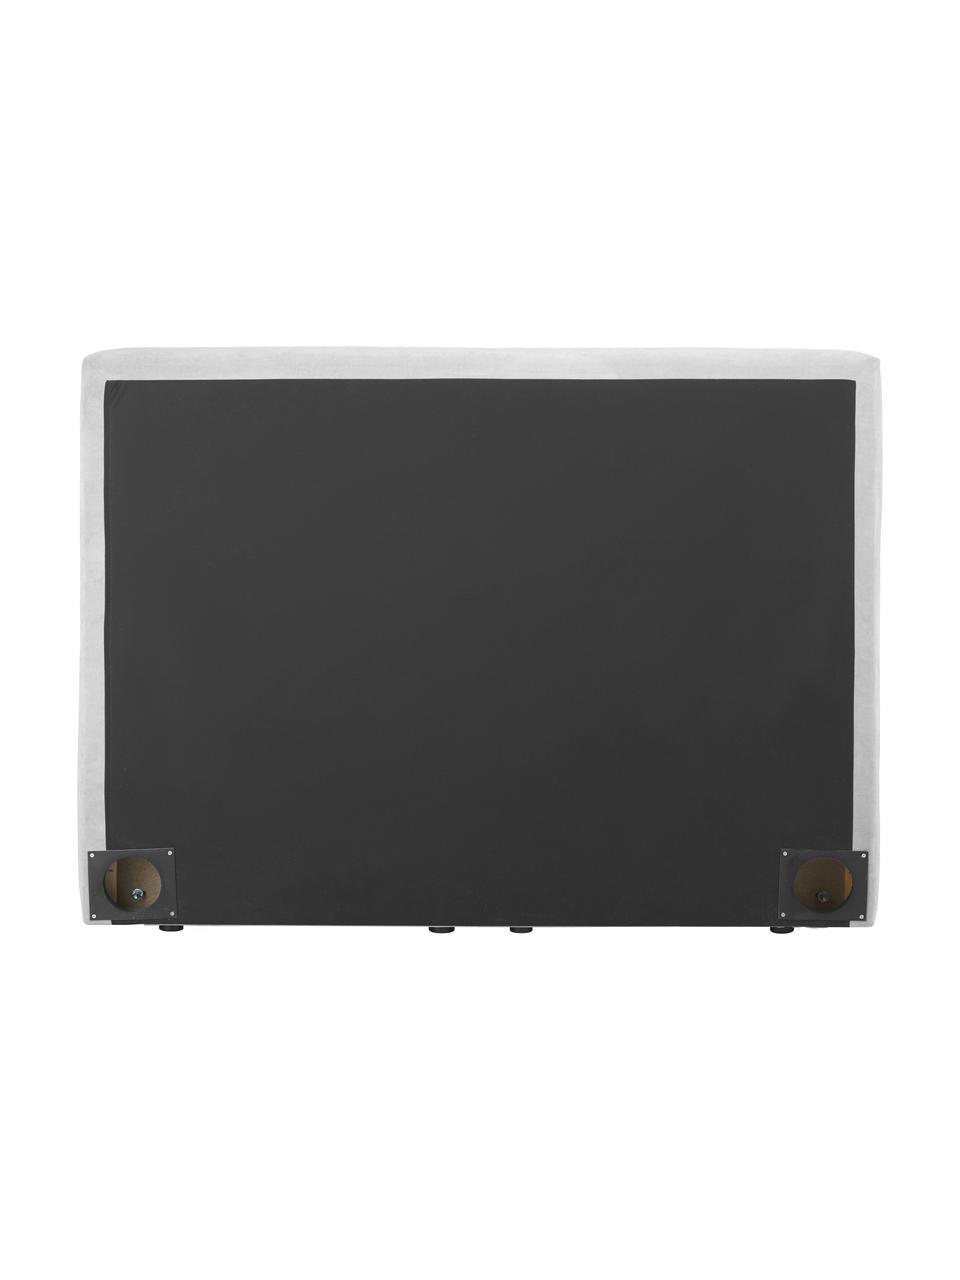 Letto boxspring in tessuto grigio chiaro con contenitore Oberon, Materasso: nucleo a 5 zone di molle , Piedini: plastica, Tessuto grigio chiaro, 200 x 200 cm